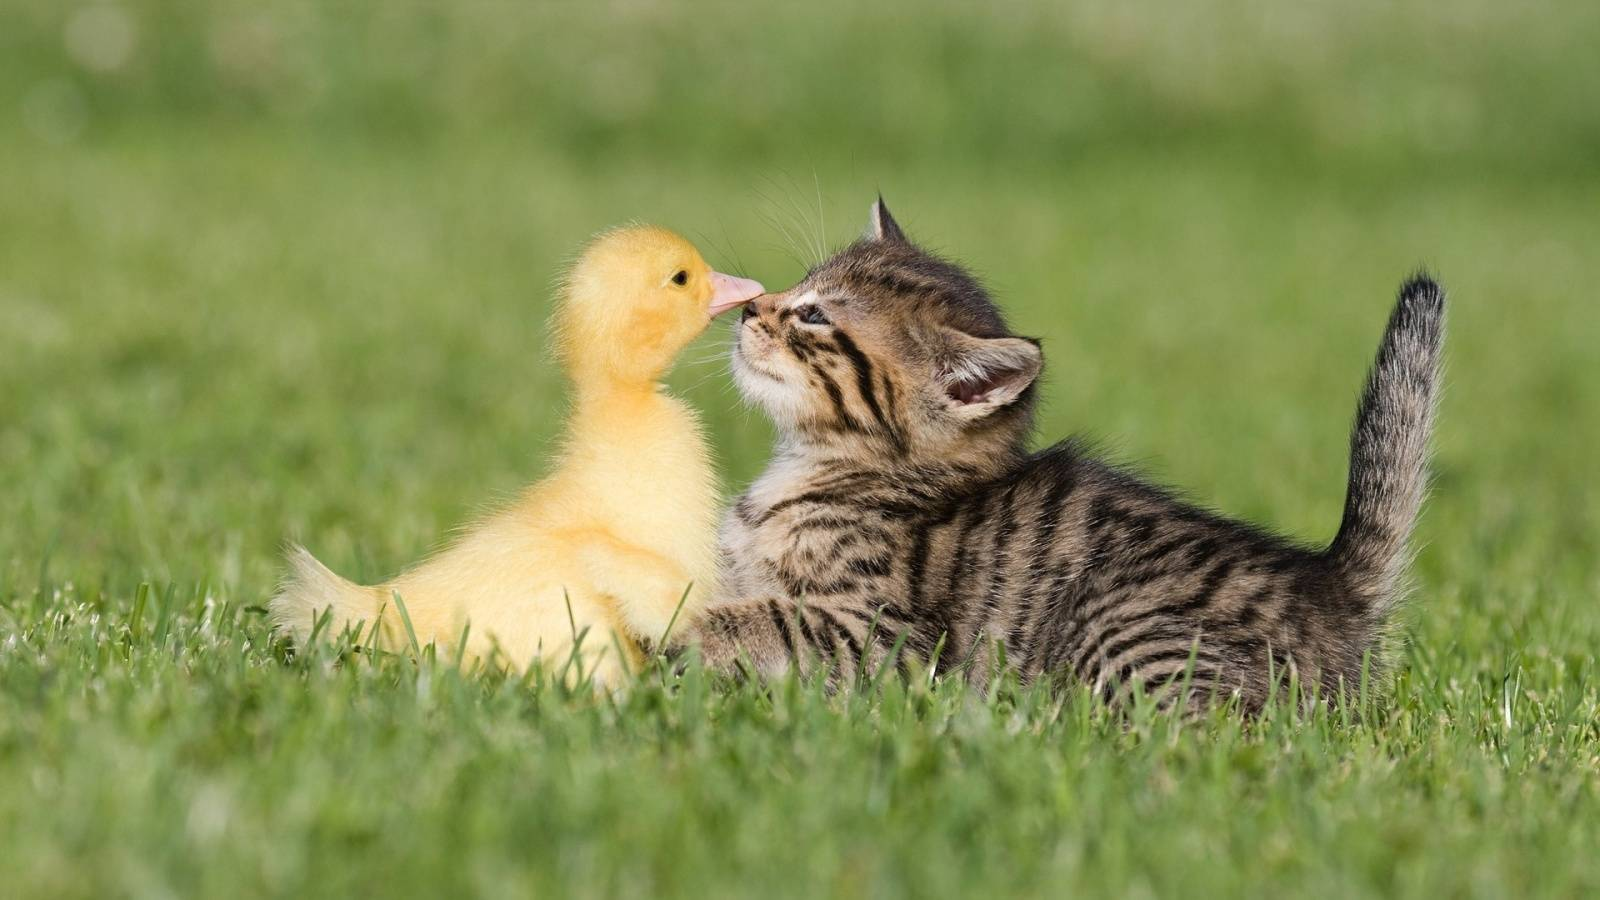 cats-birds-friends